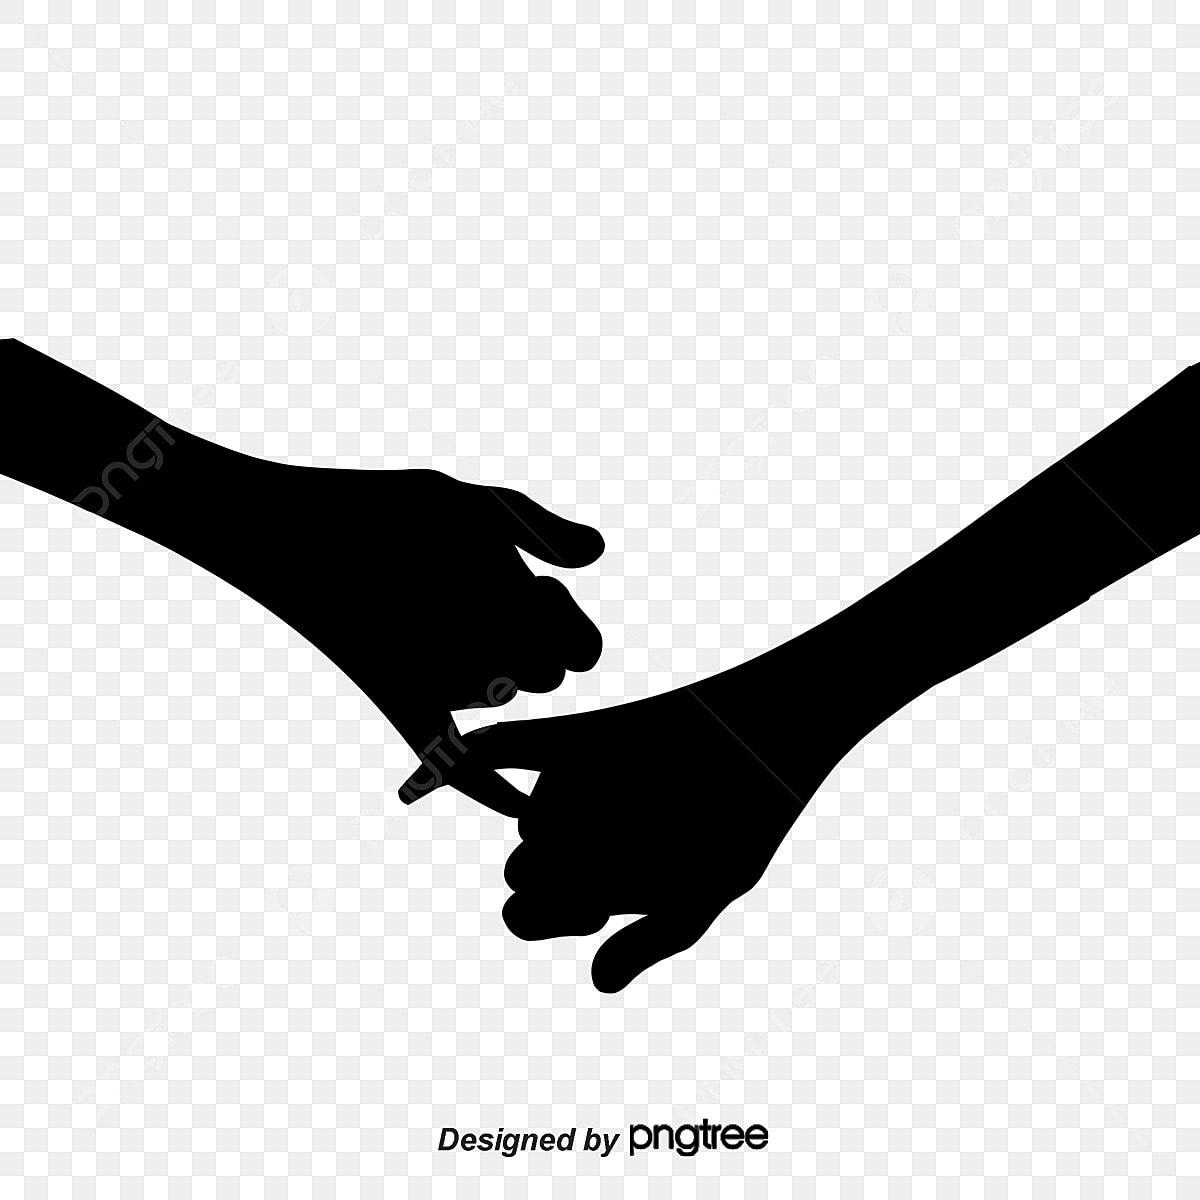 عقد اليدين من خيال يدا كليبارت مبعدات كف Png وملف Psd للتحميل مجانا